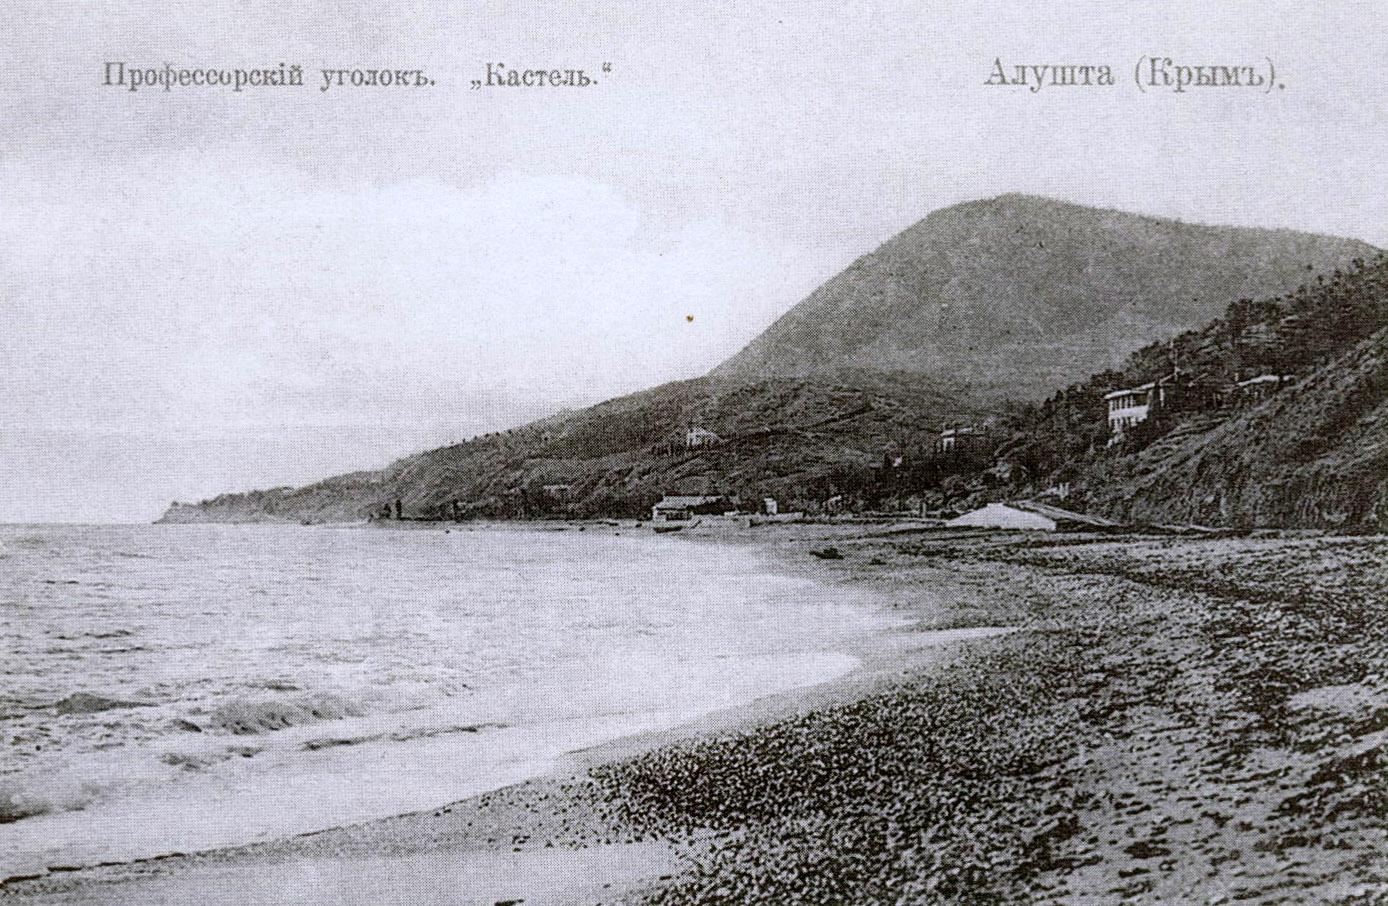 Вид на Профессорский уголок и гору Кастель, которая дала название находящейся здесь даче Голубевых.